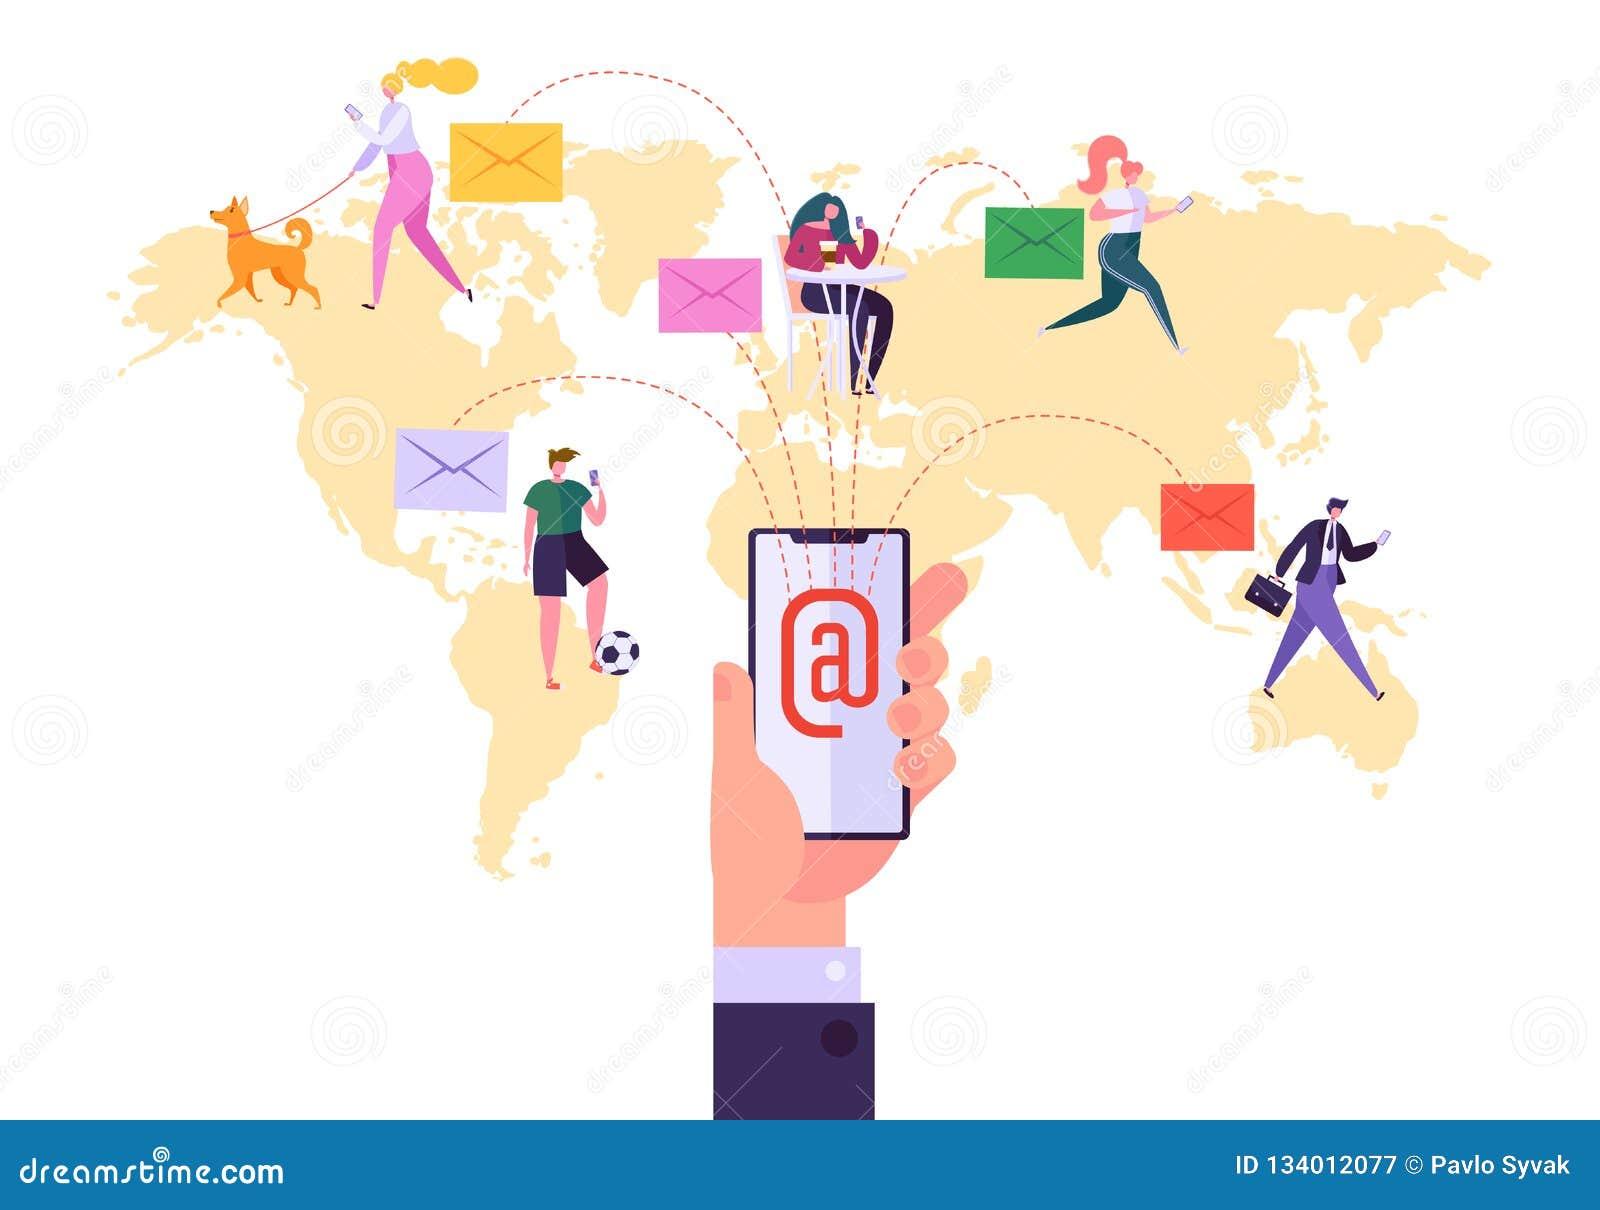 E-mailpublicitaire mededelingconcept wereldwijd Lopende Digitale Promotiecampagne, Directe het Leveren Reclame